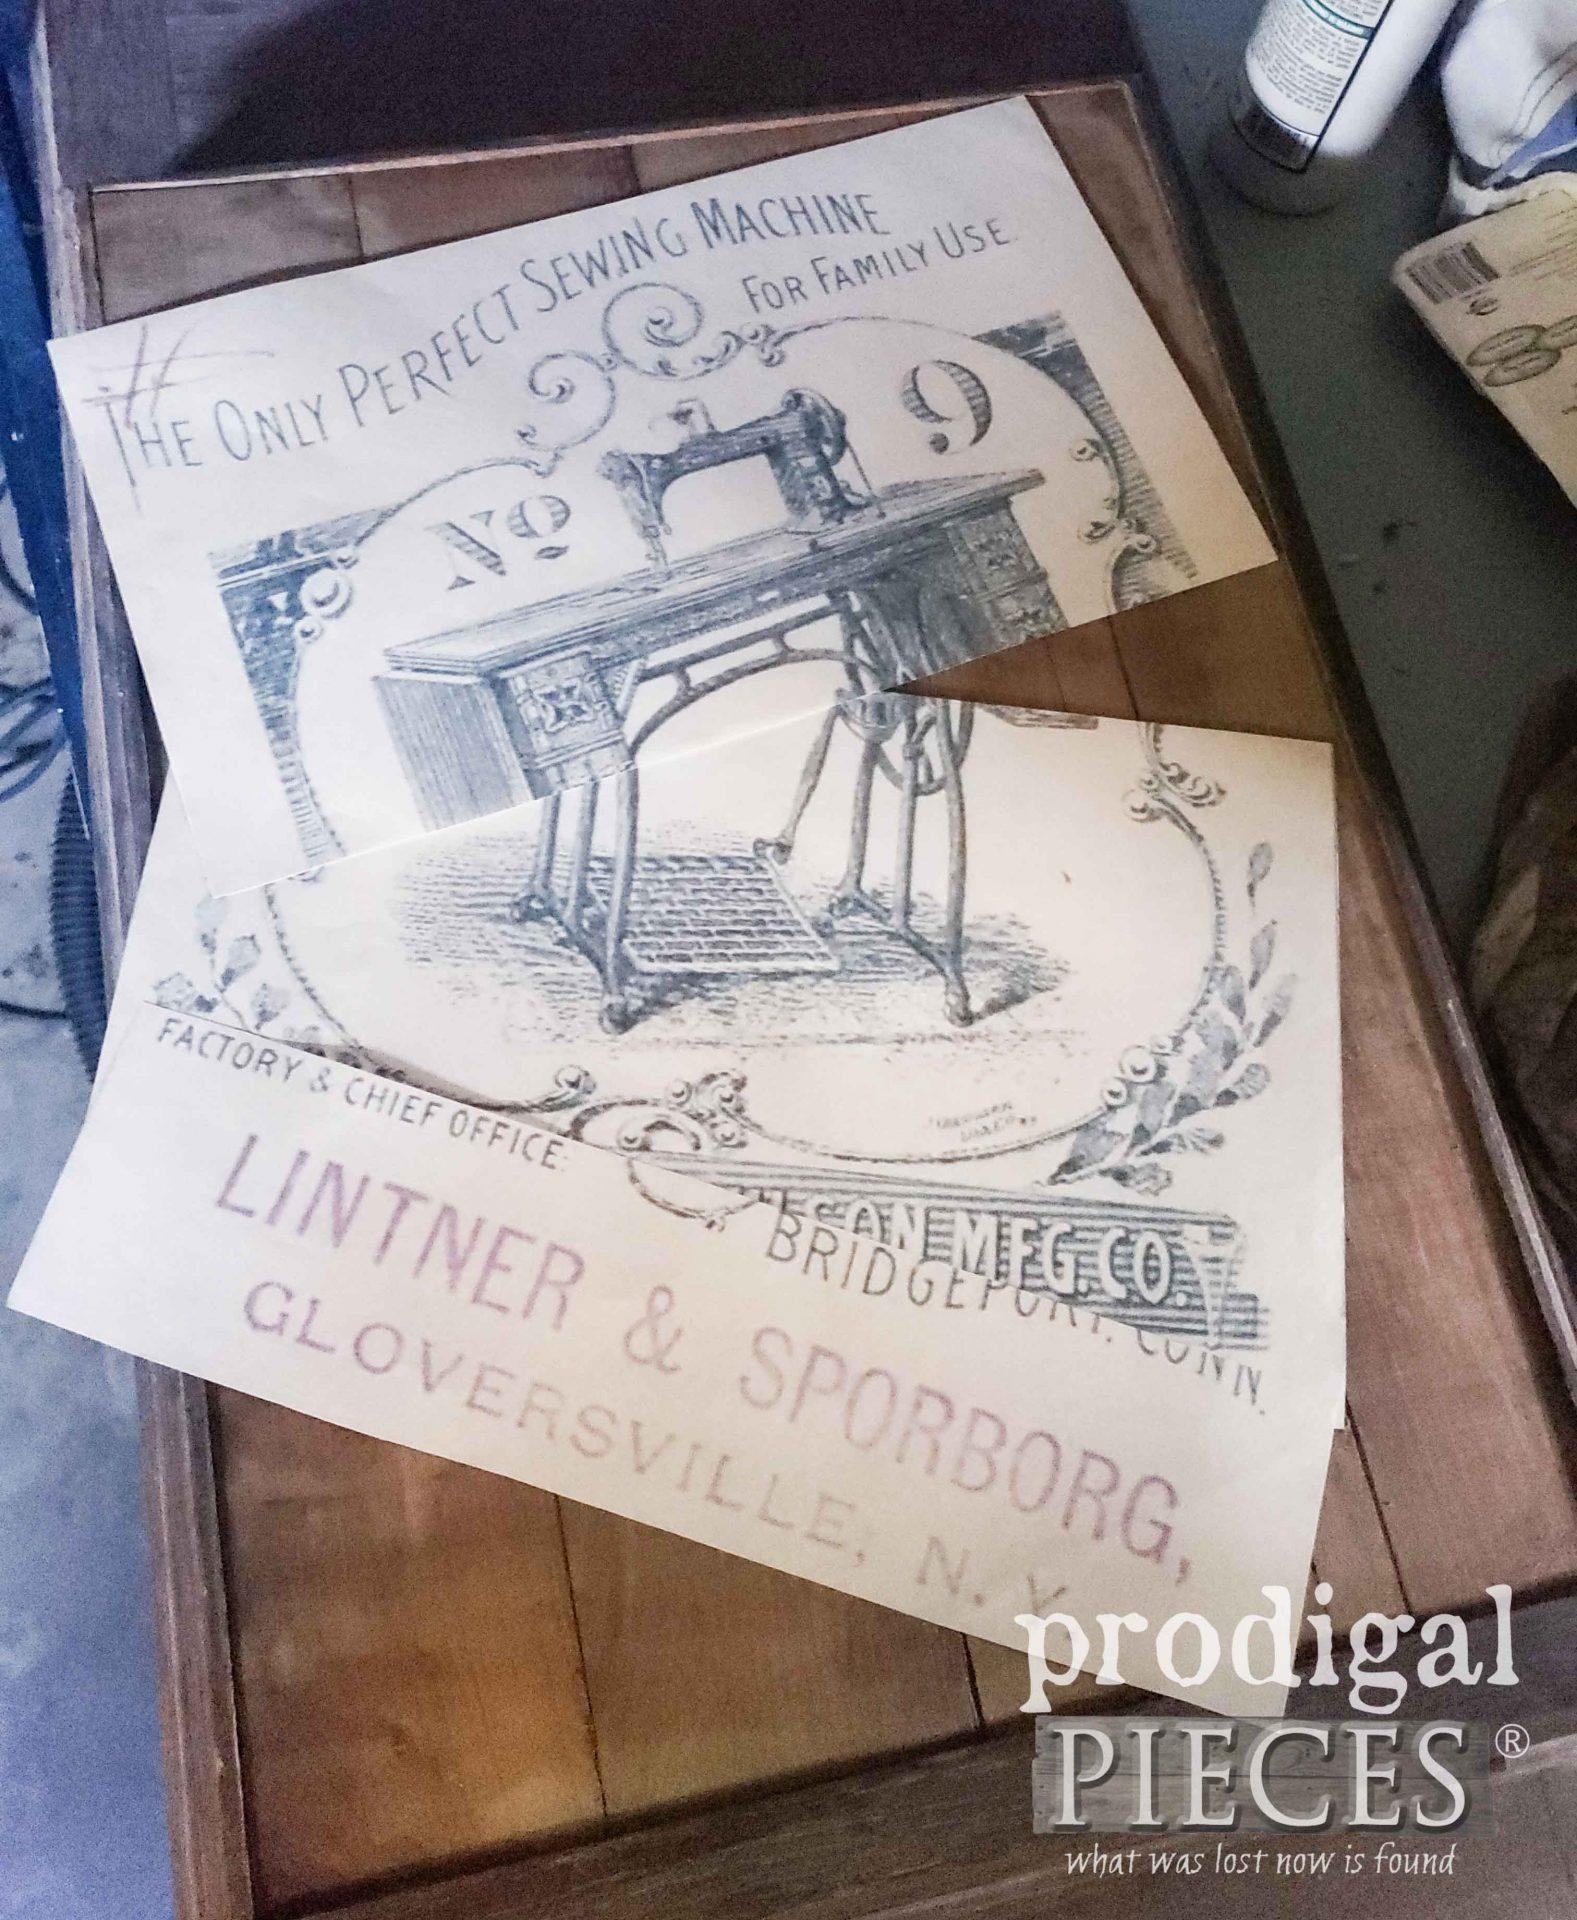 Antique Sewing Machine Decoupage Art | prodigalpieces.com #prodigalpieces